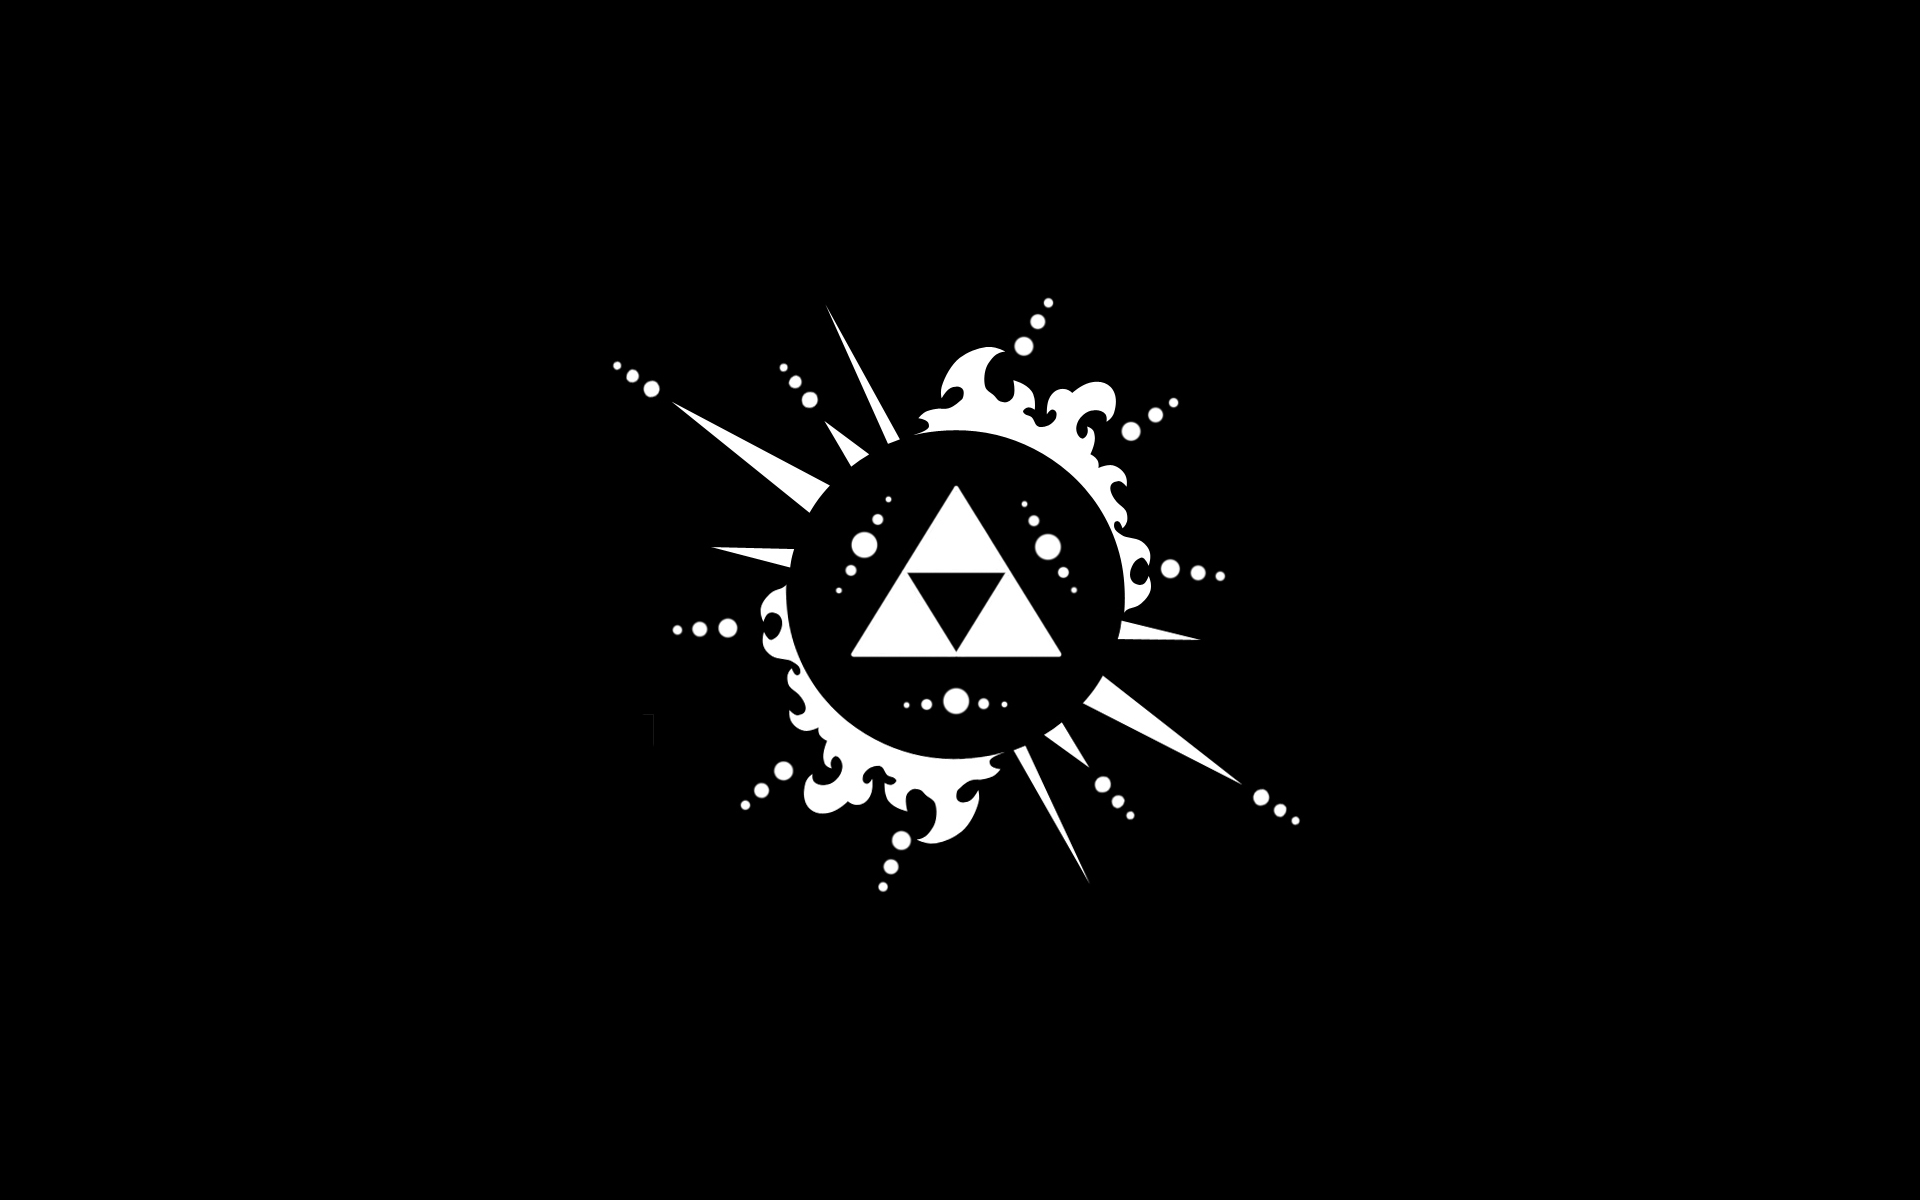 Triforce The Legend Of Zelda Wallpaper 1920x1200 14683